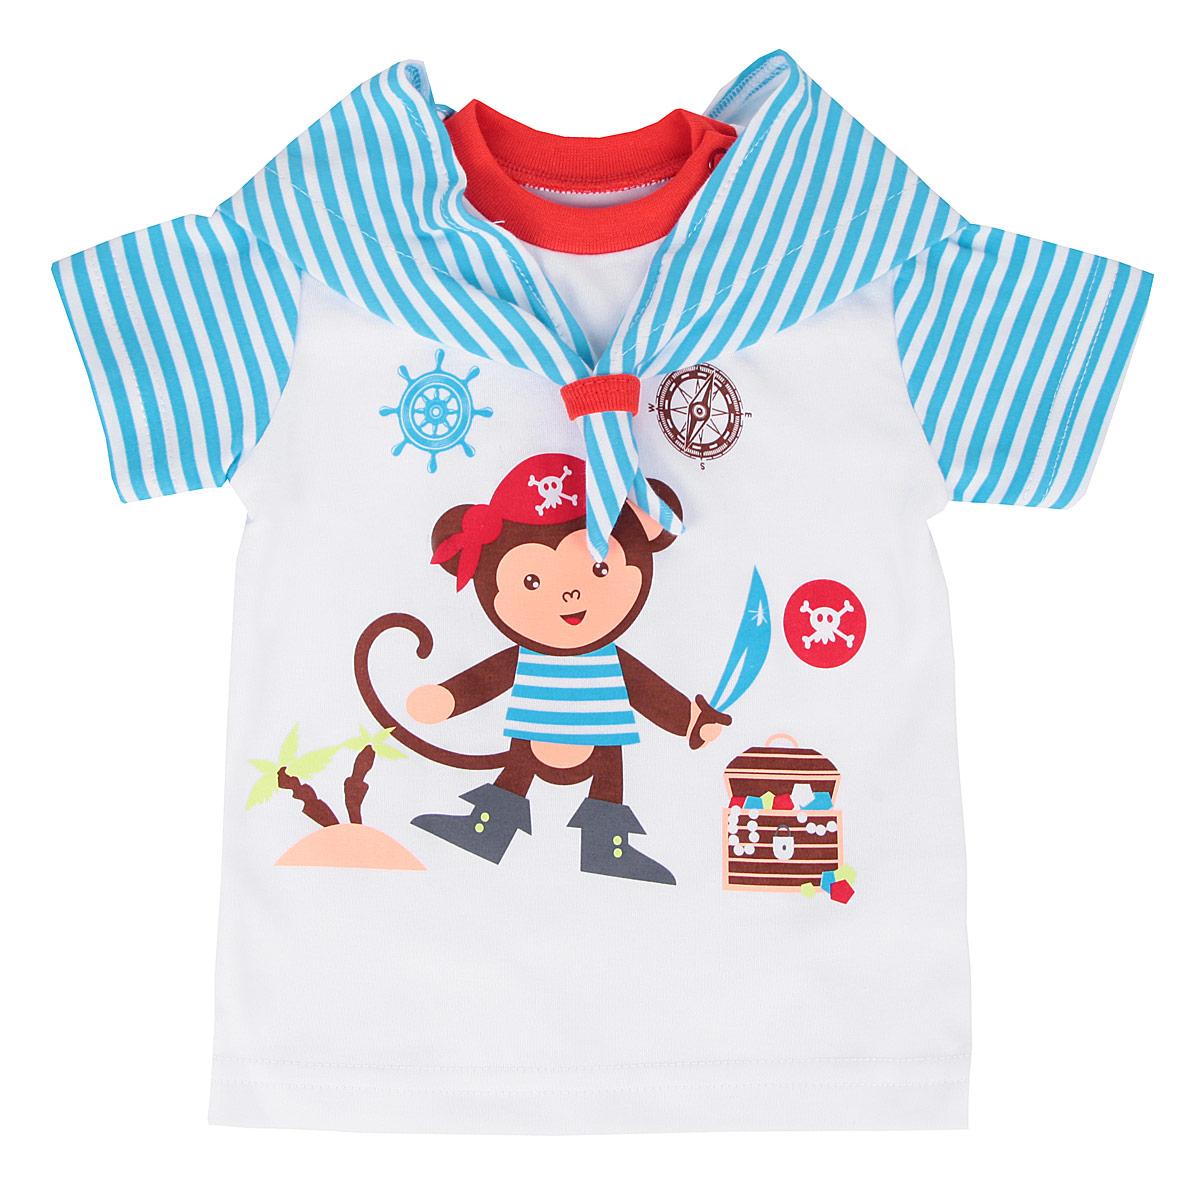 Футболка3761Очаровательная футболка для мальчика КотМарКот послужит идеальным дополнением к гардеробу вашего малыша, обеспечивая ему наибольший комфорт. Изготовленная из натурального хлопка - интерлока, она необычайно мягкая и легкая, не раздражает нежную кожу ребенка и хорошо вентилируется, а эластичные швы приятны телу младенца и не препятствуют его движениям. Футболка с короткими рукавами и круглым врезом горловины имеет металлические застежки-кнопки по плечу, которые позволяют без труда переодеть ребенка. Вырез горловины дополнен трикотажной эластичной резинкой. Оформлено изделие принтом в полоску и принтом с изображением обезьянки-пирата, а также украшено декоративным матросским воротником. Футболка полностью соответствует особенностям жизни малыша в ранний период, не стесняя и не ограничивая его в движениях.